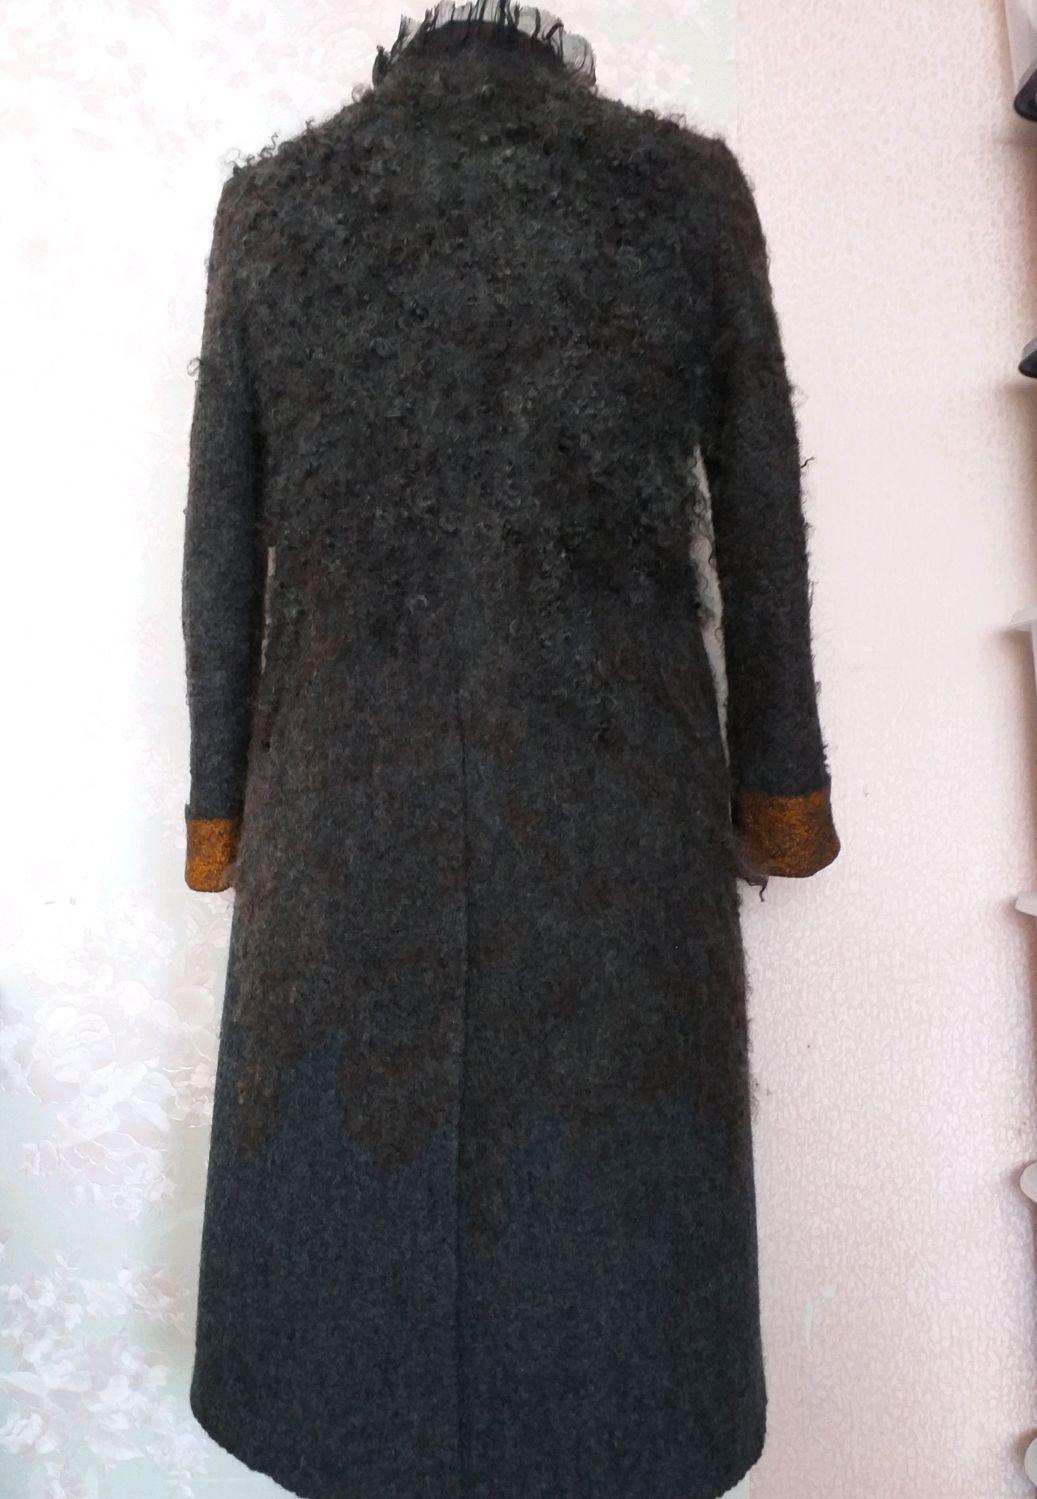 коричневых, пришельцев фото клуба пальто в новороссийске его